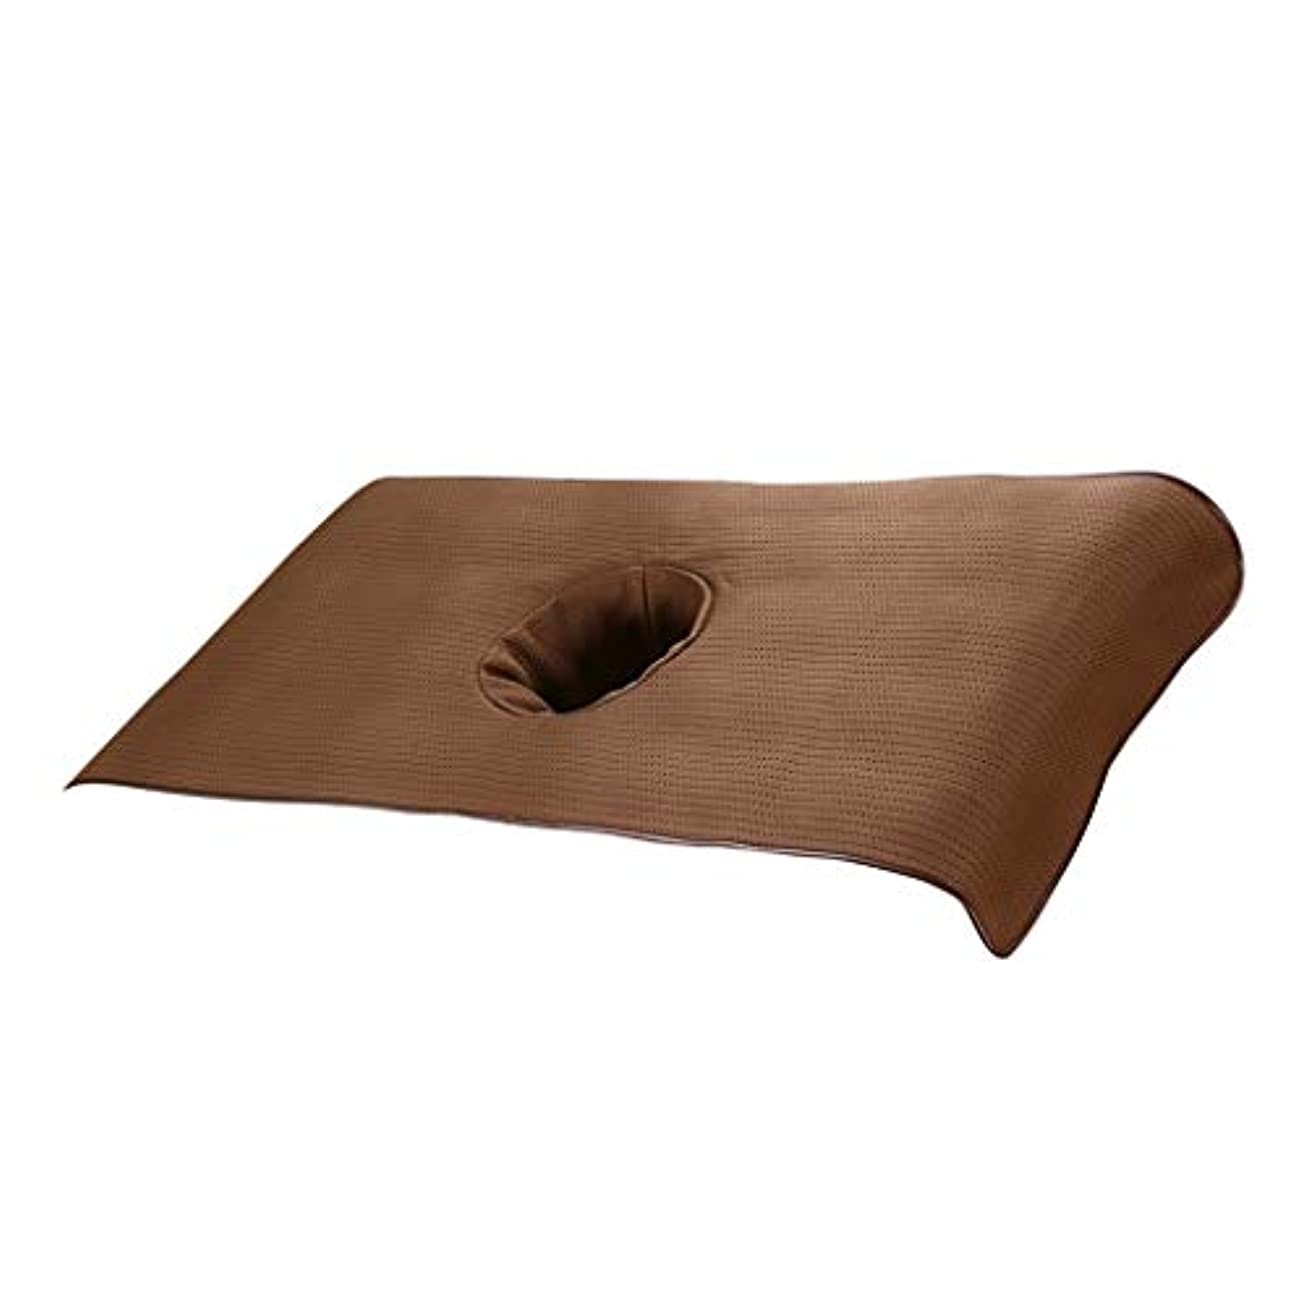 露骨な染色バレル柔らかい スパ マッサージベッドカバー ベッドカバーシート 通気性 - 褐色